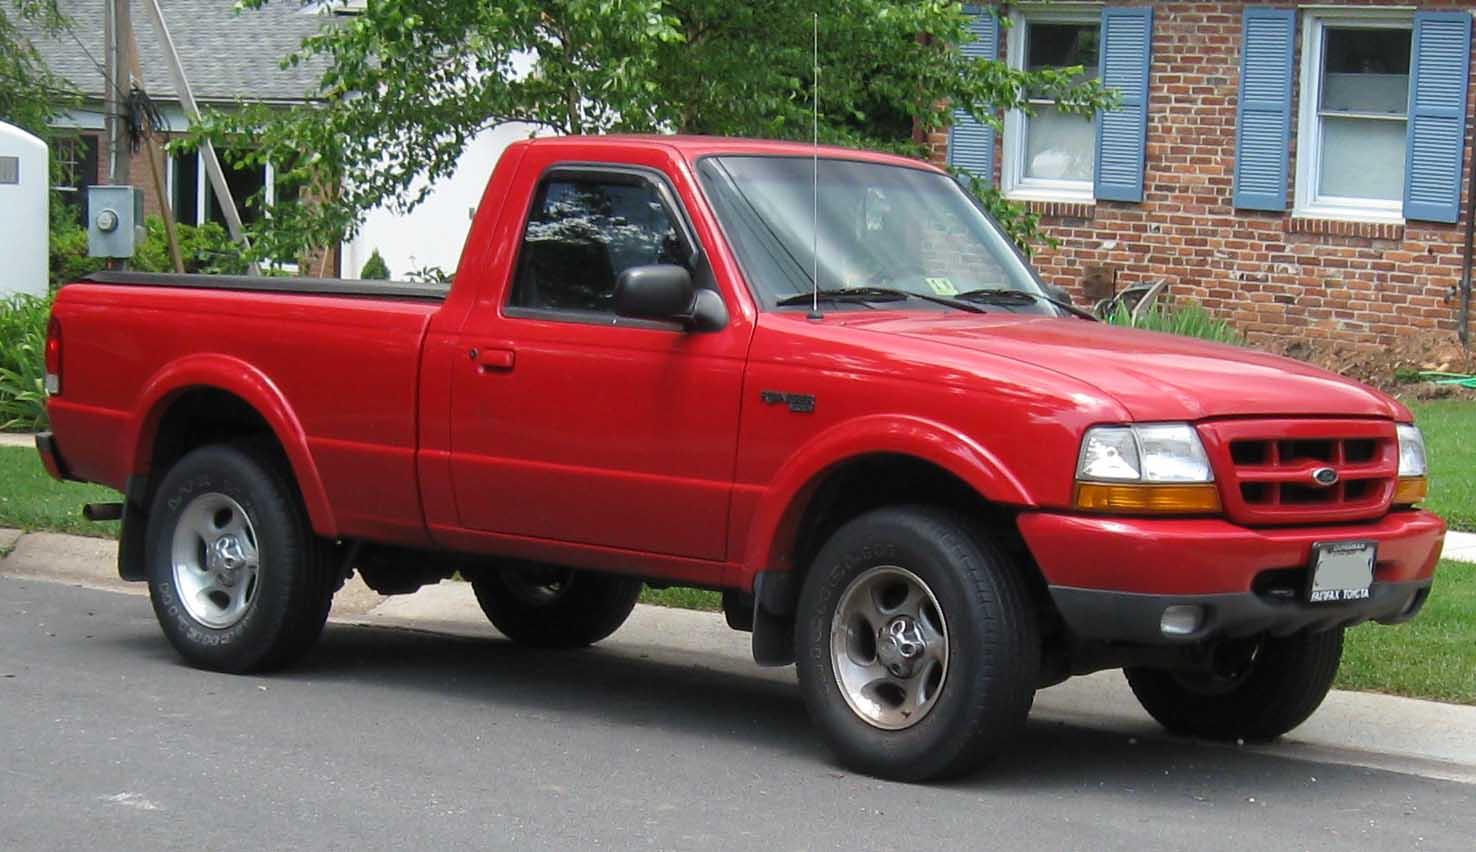 Борт тент на шасси ивеко с двойной кабиной универсальный коммерческий автомобиль для ремонтной бригады